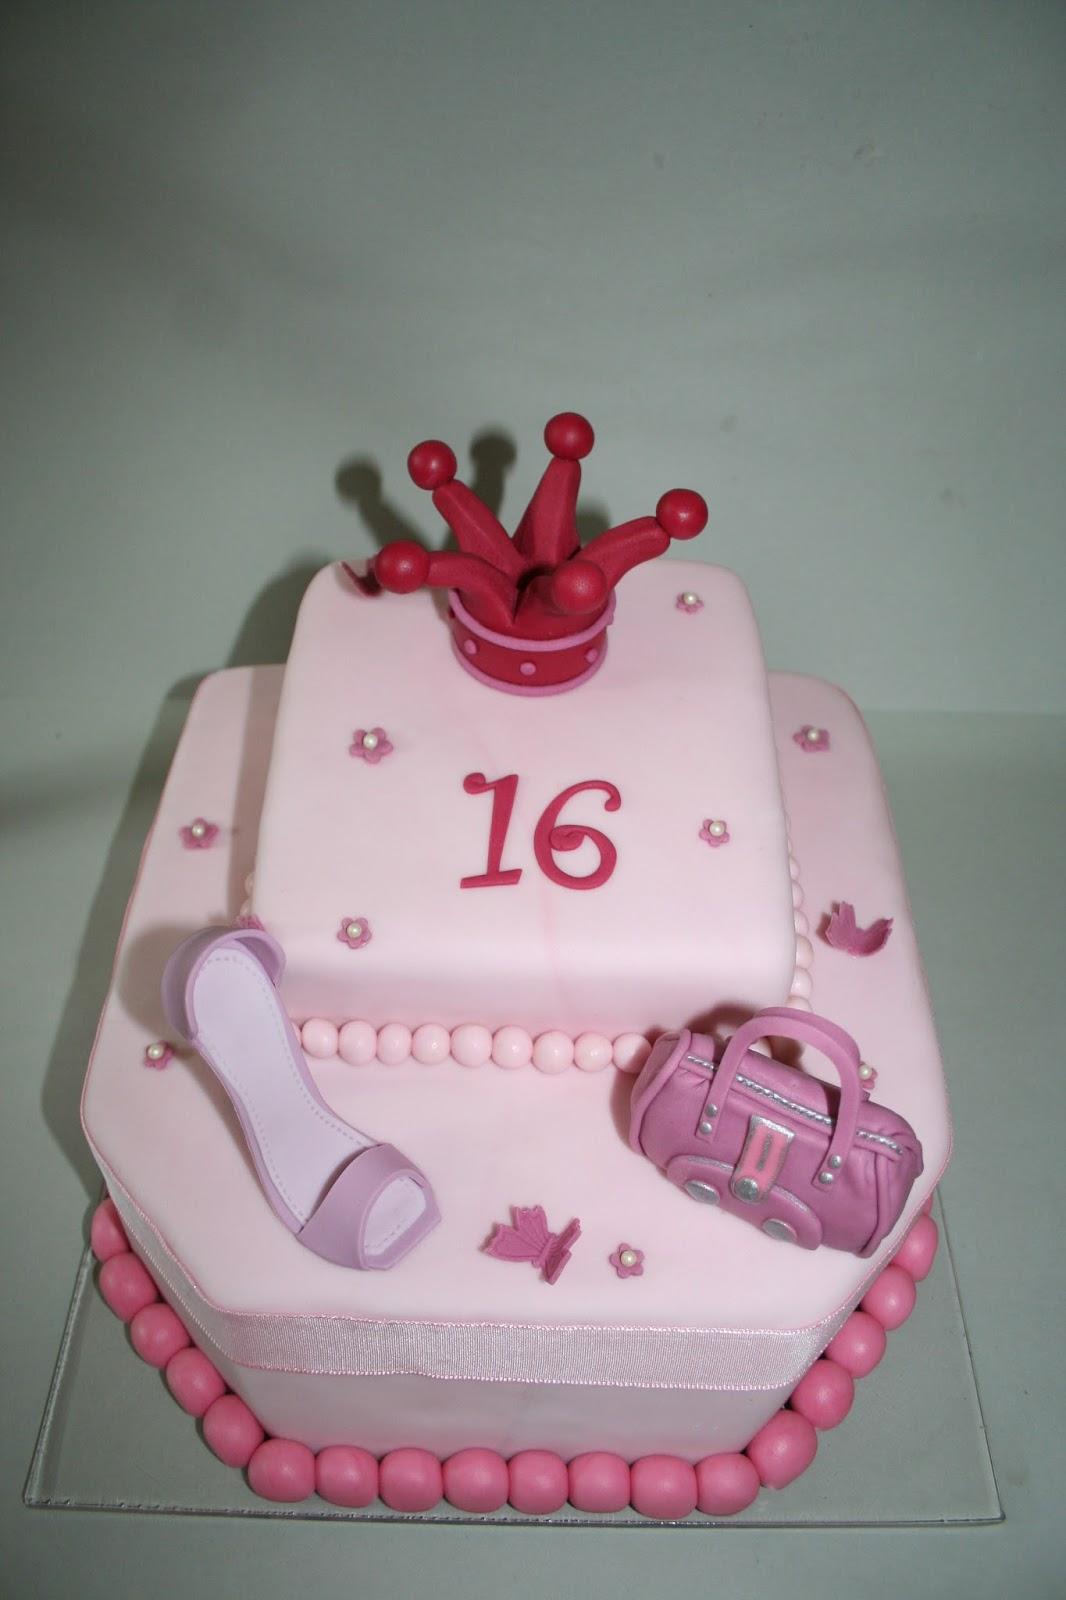 Lustige Torten Zum 16 Geburtstag Hylen Maddawards Com